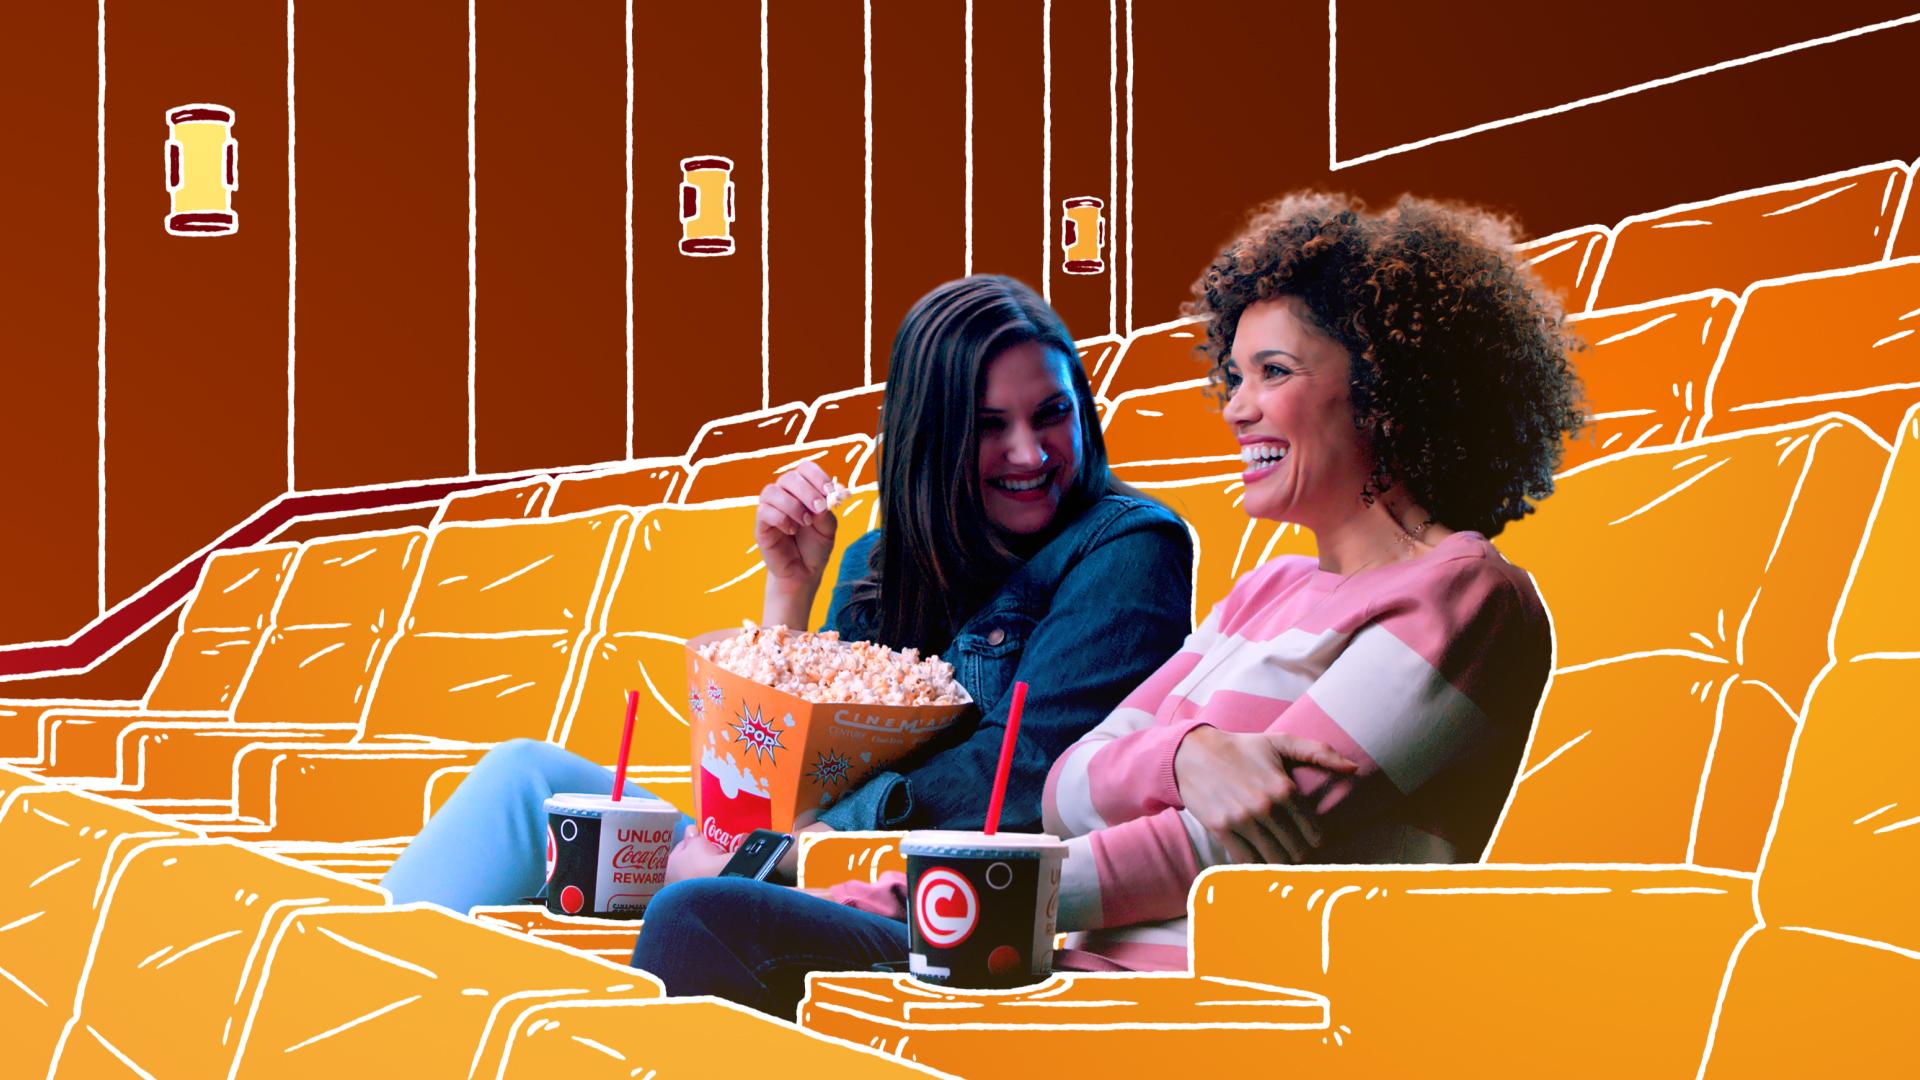 Cinemark_MovieRewards_HD_WIP (00837).jpg